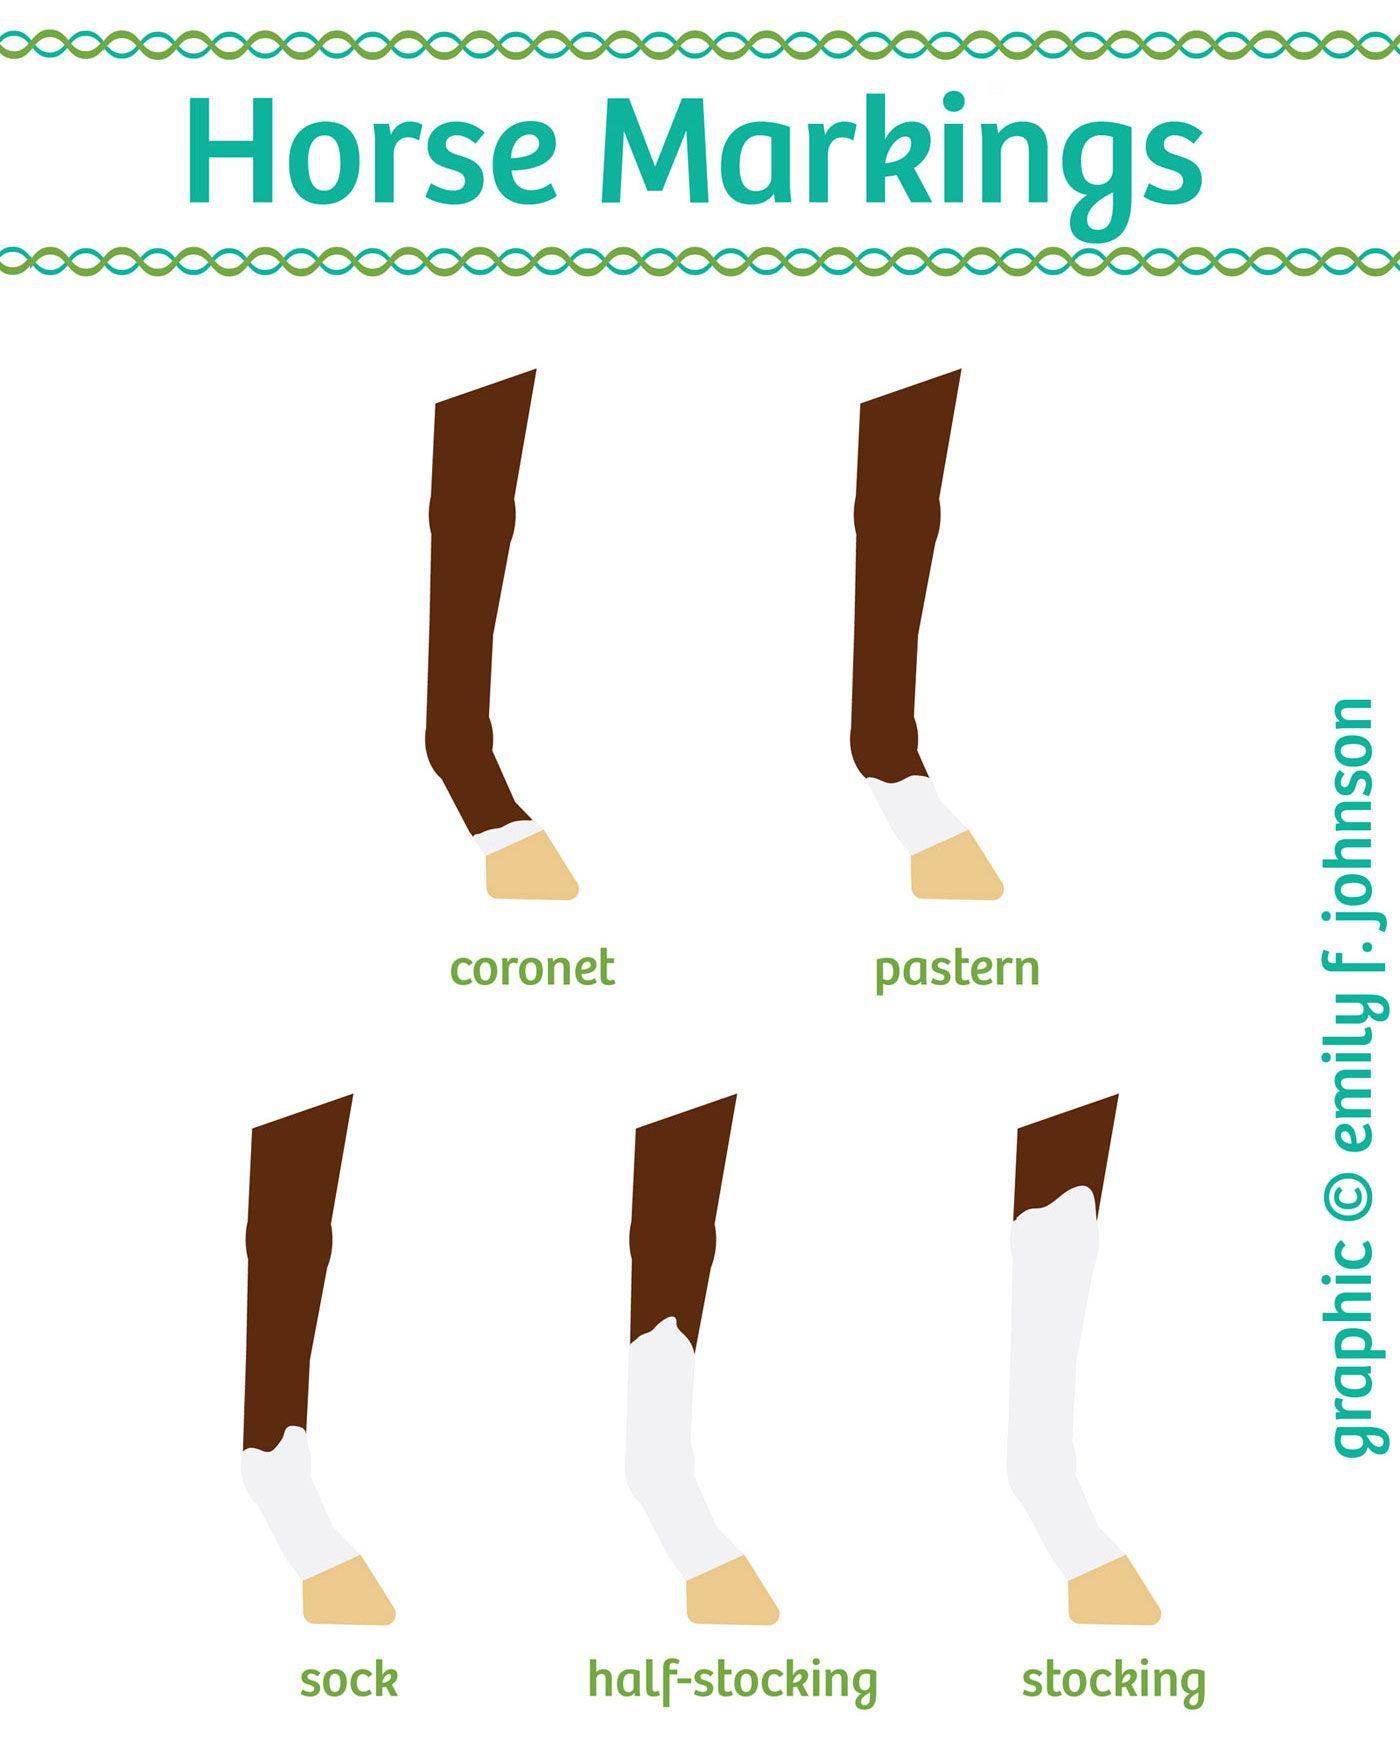 Horse Leg Markings Chart | Rush Revere and the brave pilgrims ...